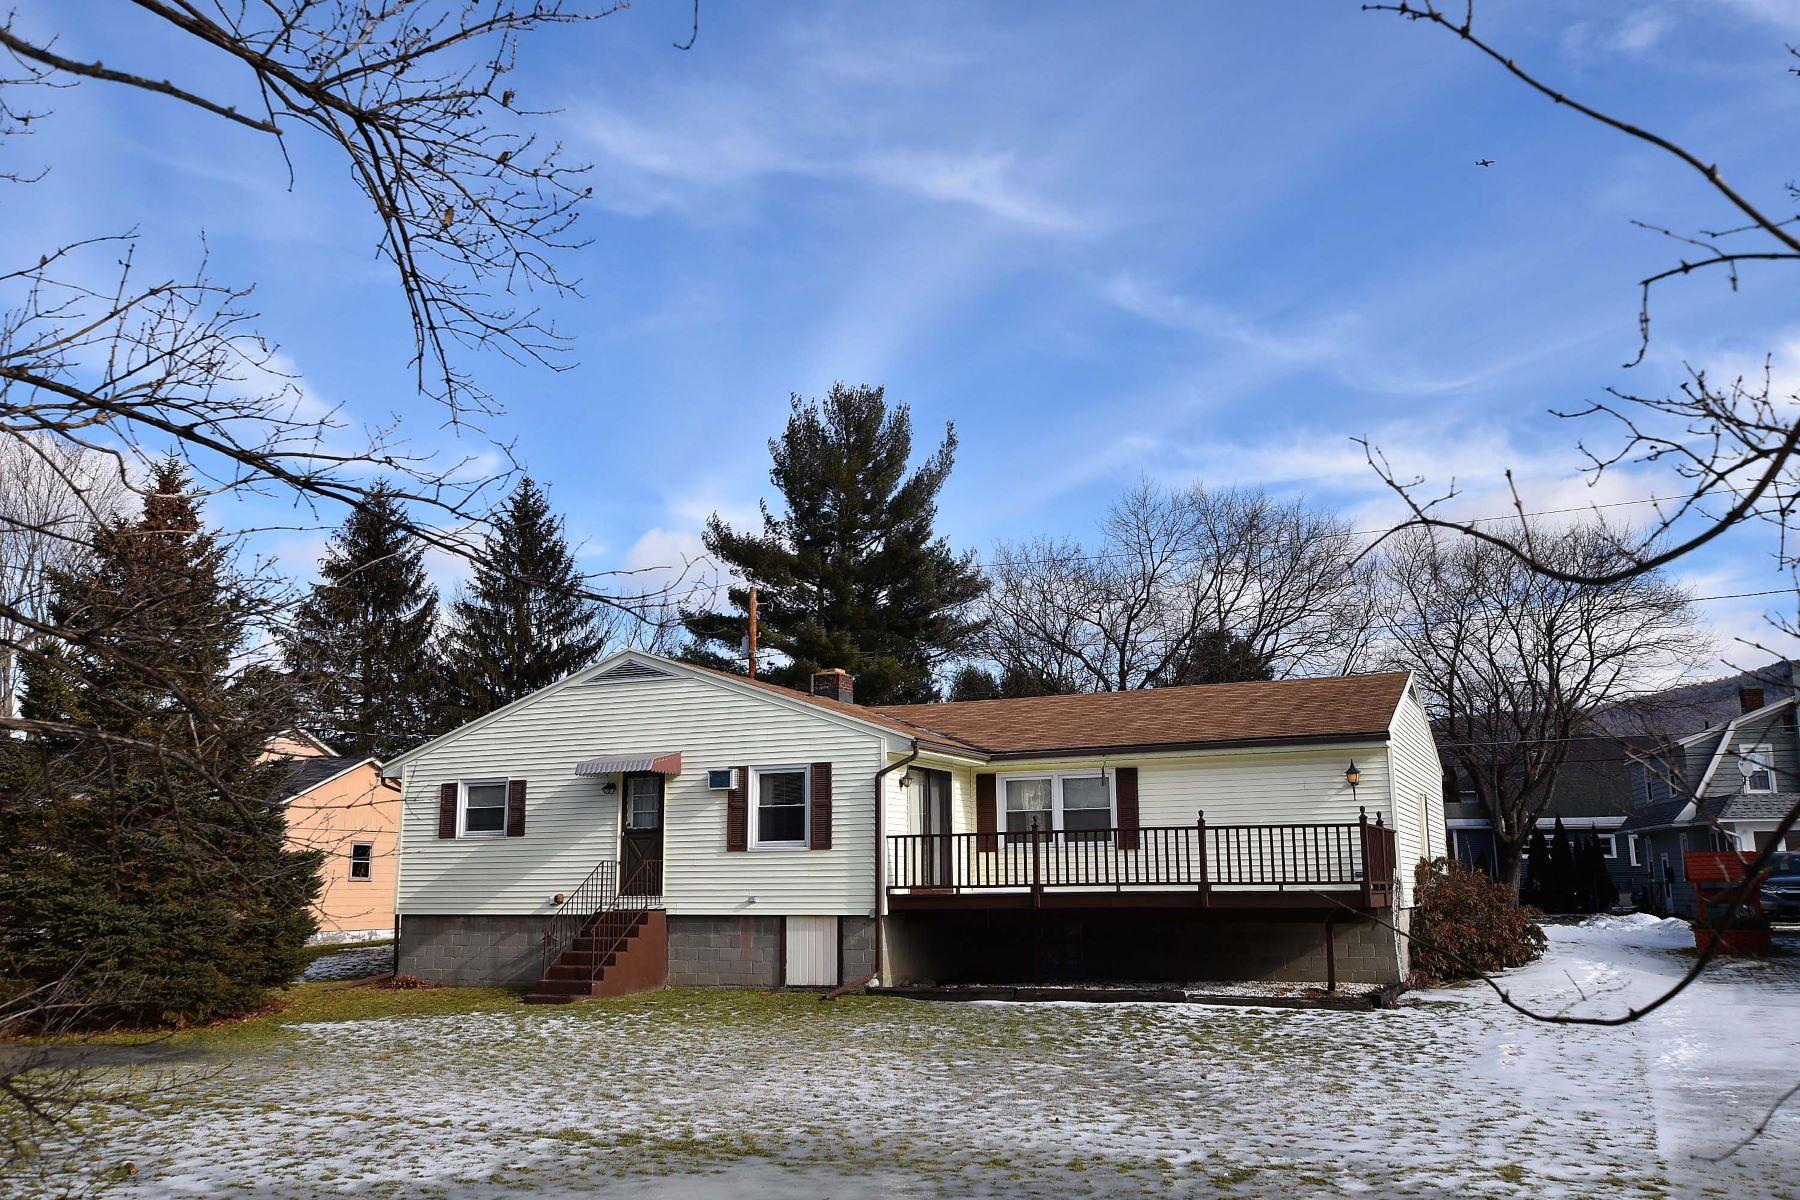 Частный односемейный дом для того Продажа на Northeast Section-Huge Potentail 11 Clark, Rutland, Вермонт, 05701 Соединенные Штаты